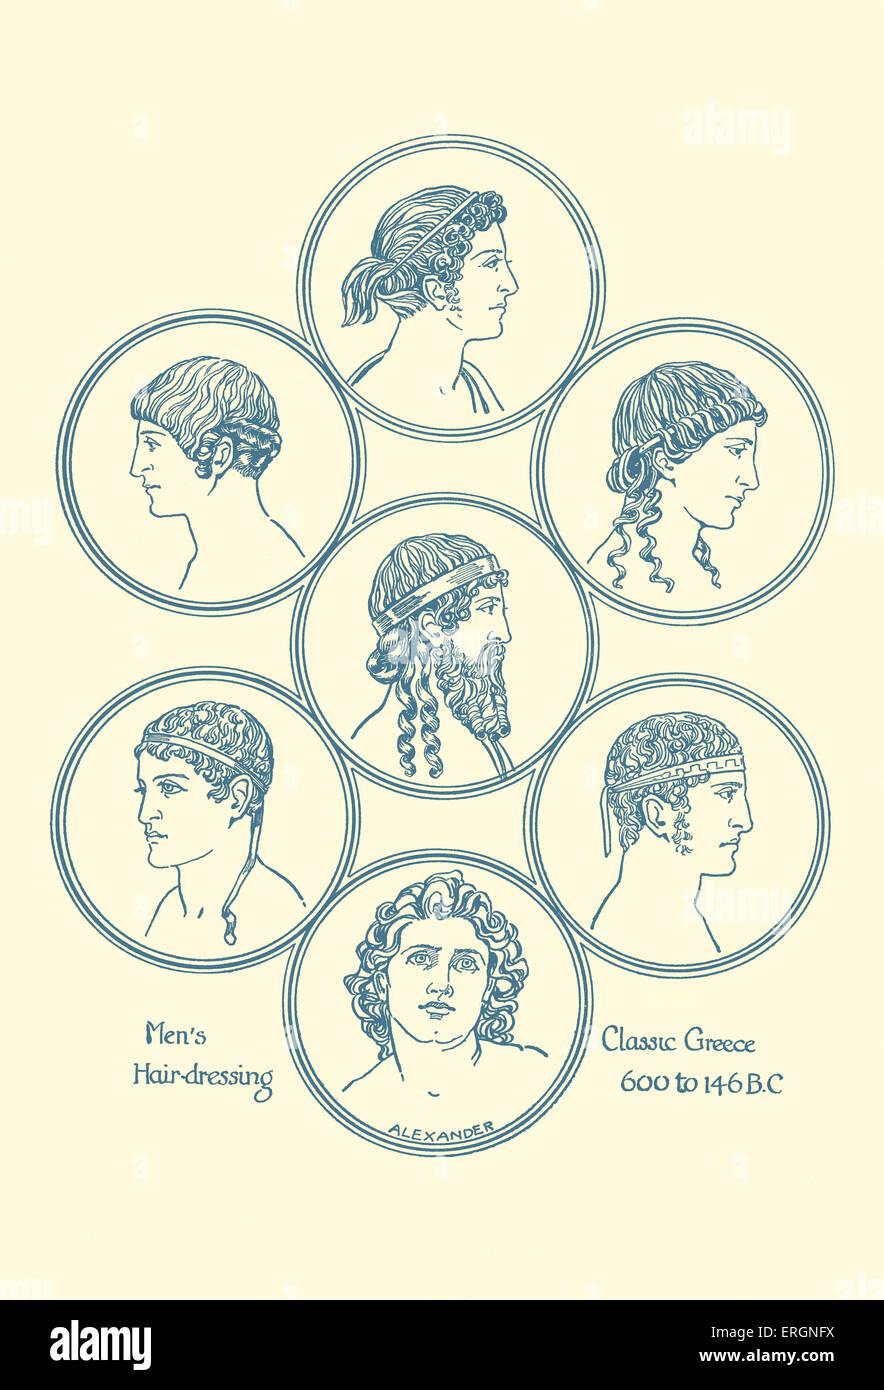 Antike griechische Frisuren. Beispiel für Herren Friseur im klassischen Griechenland, 600-146 BC. Nach dem Stockbild